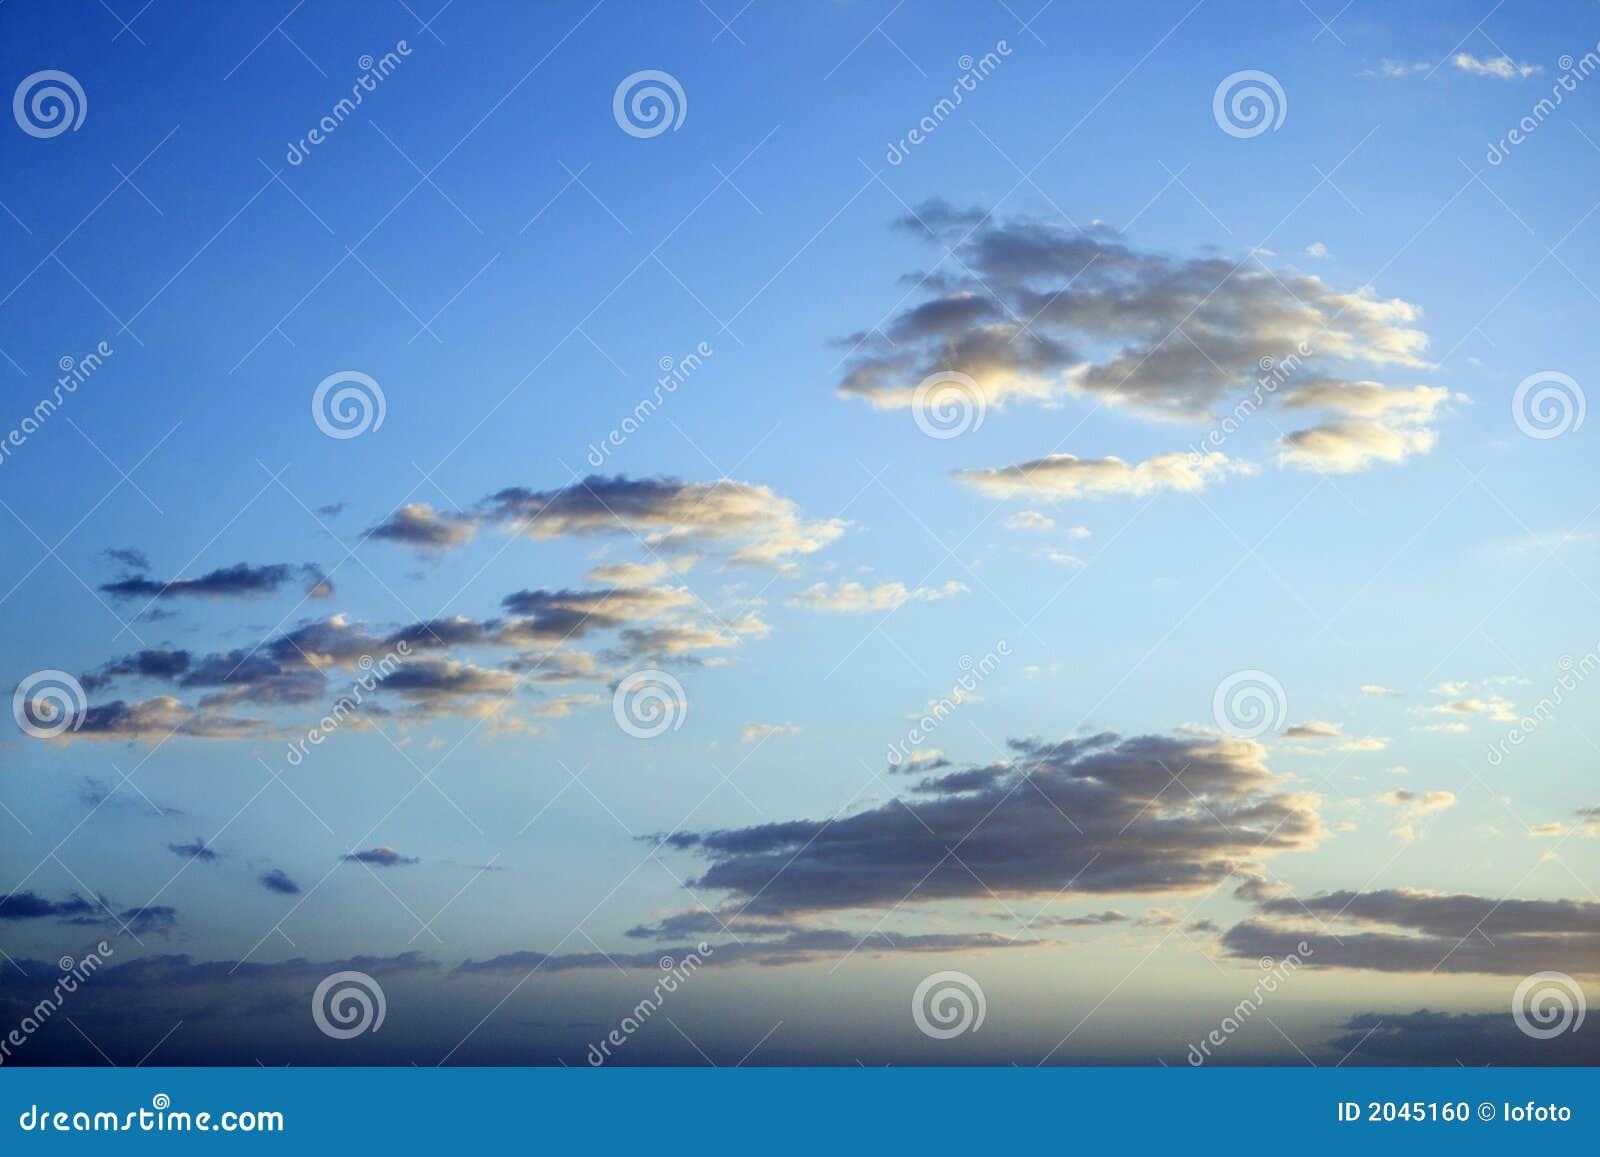 Cielo azul y nubes en la oscuridad.